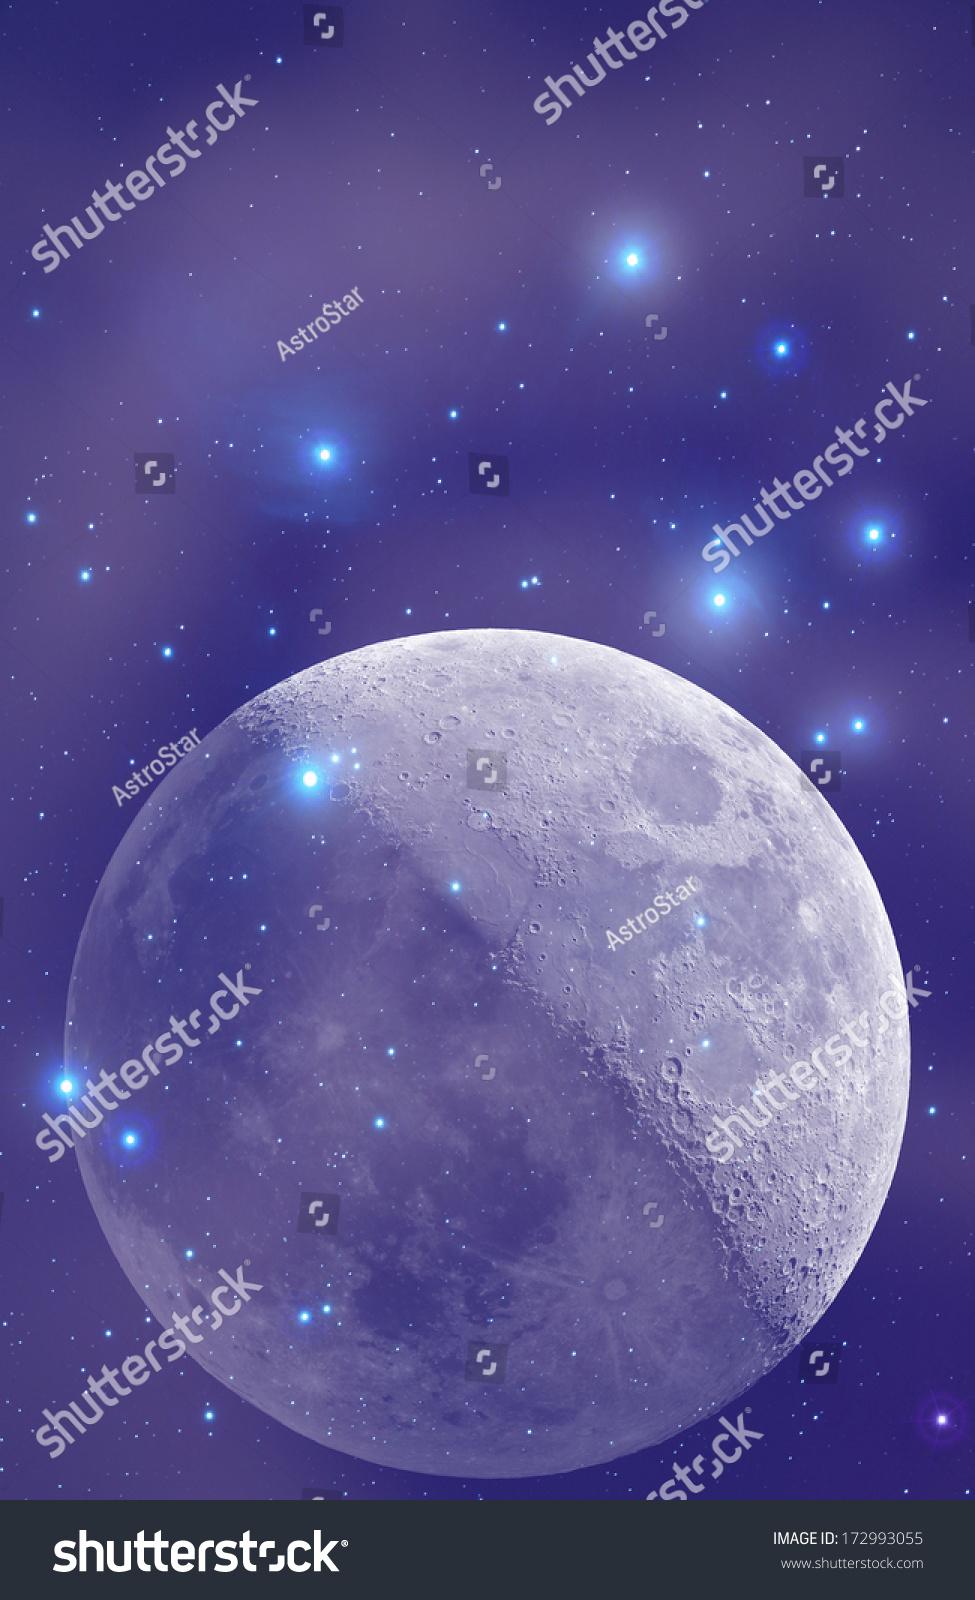 lunar deep space - photo #36